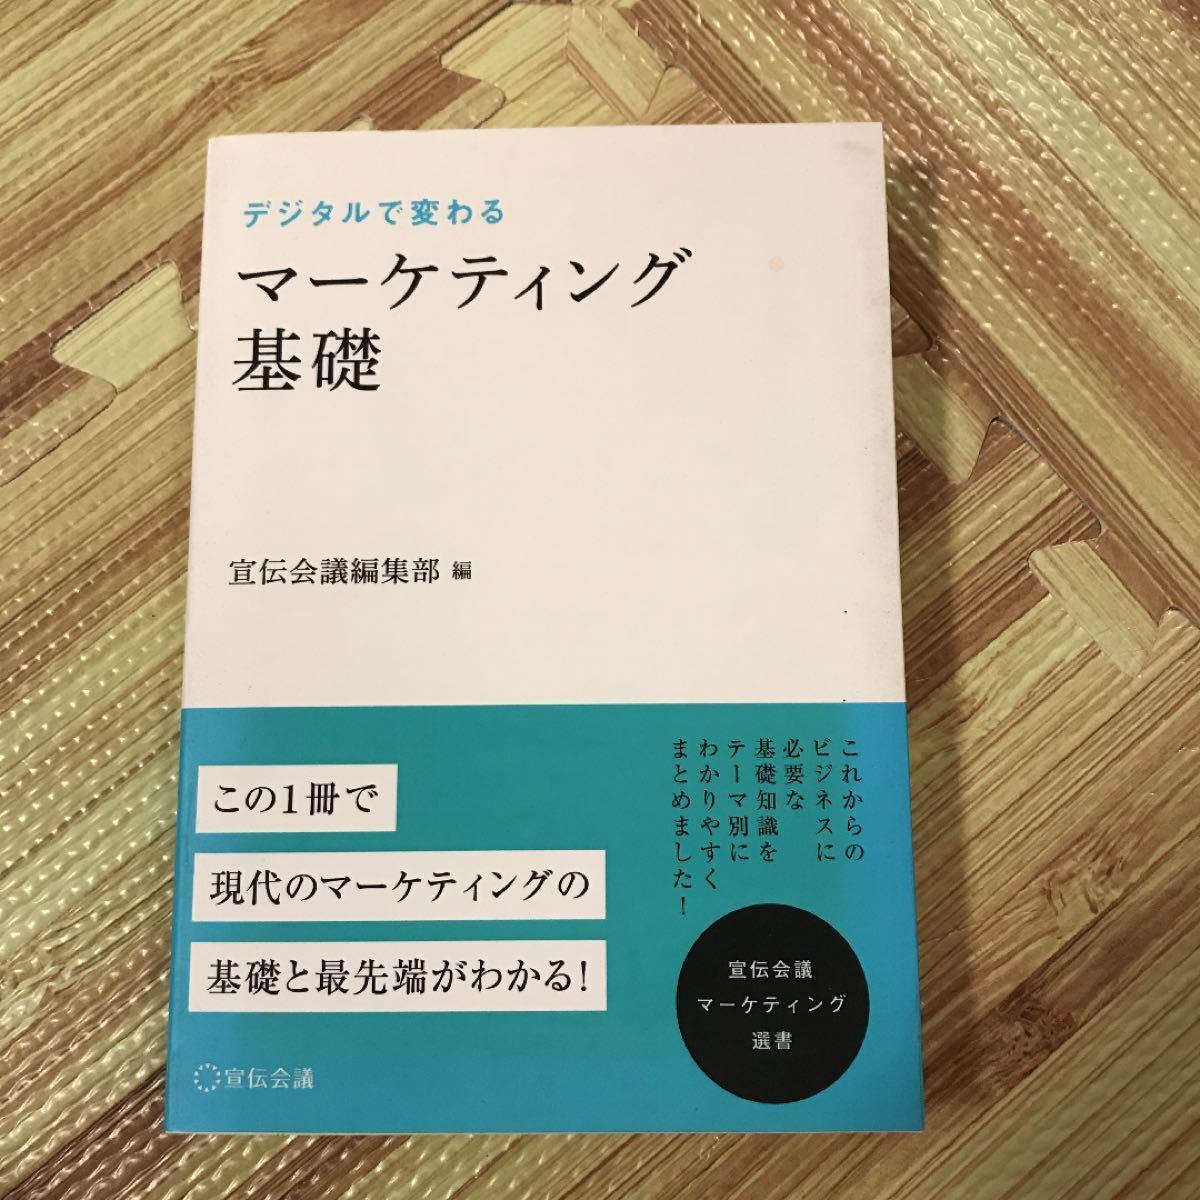 デジタルで変わるマーケティング基礎/宣伝会議編集部/野口恭平